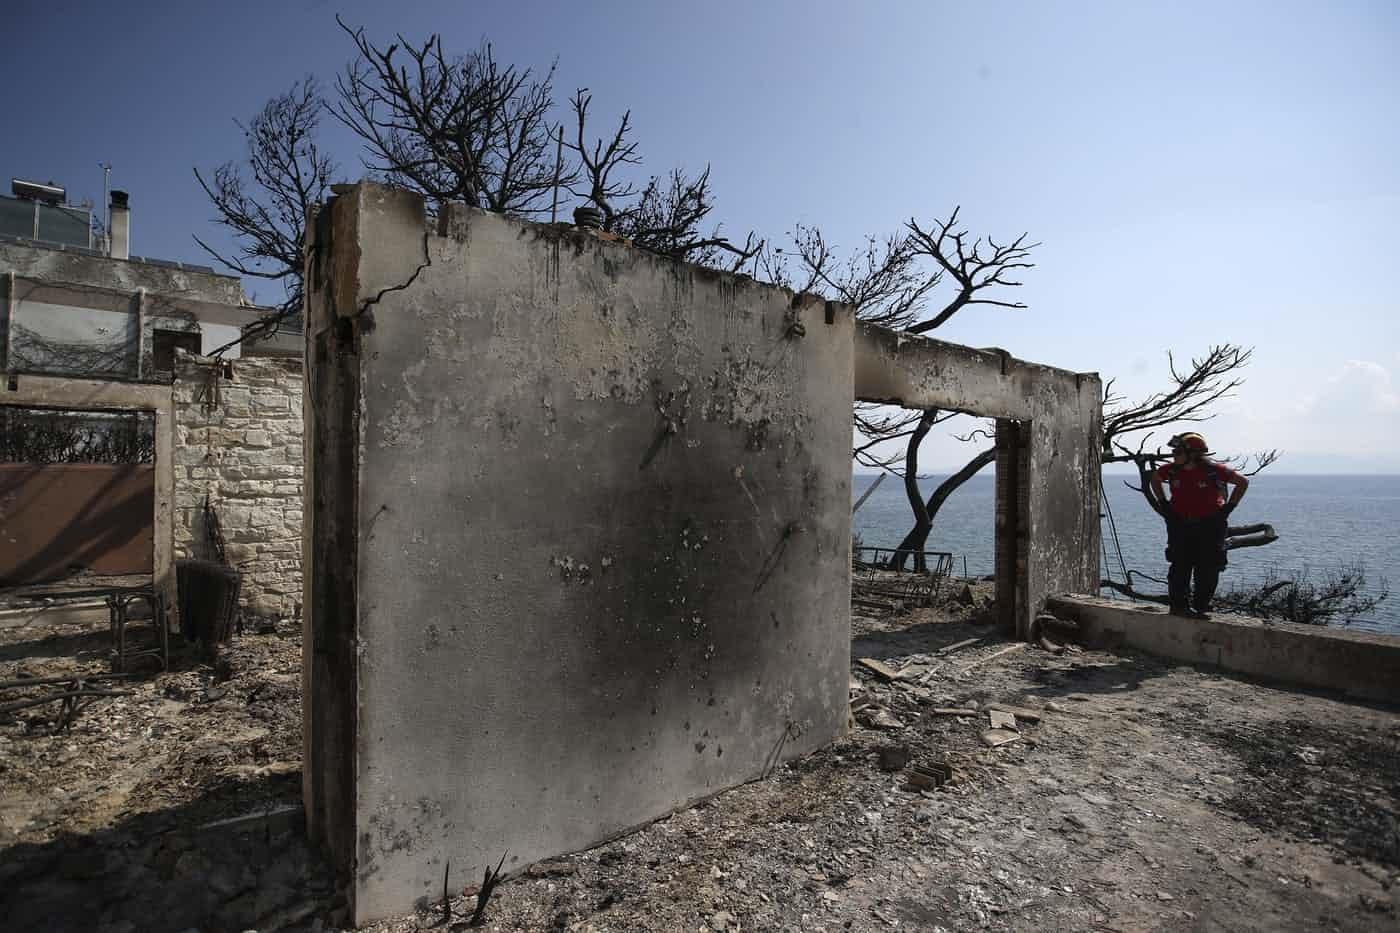 عکس روز: پس از آتشسوزی